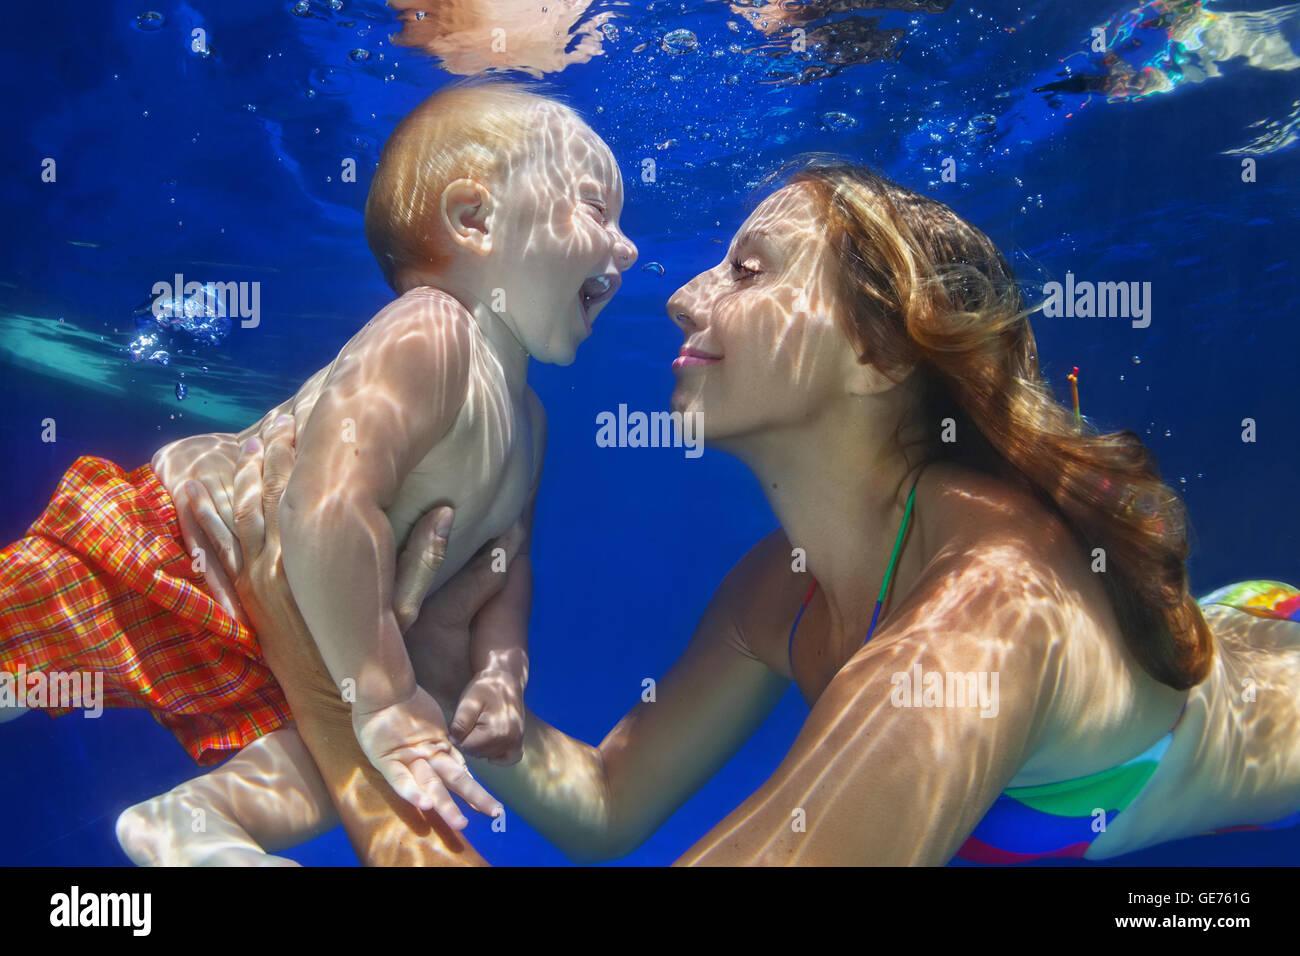 - Mère de famille heureuse, bébé apprend à nager et plonger sous l'eau avec in piscine. Photo Stock